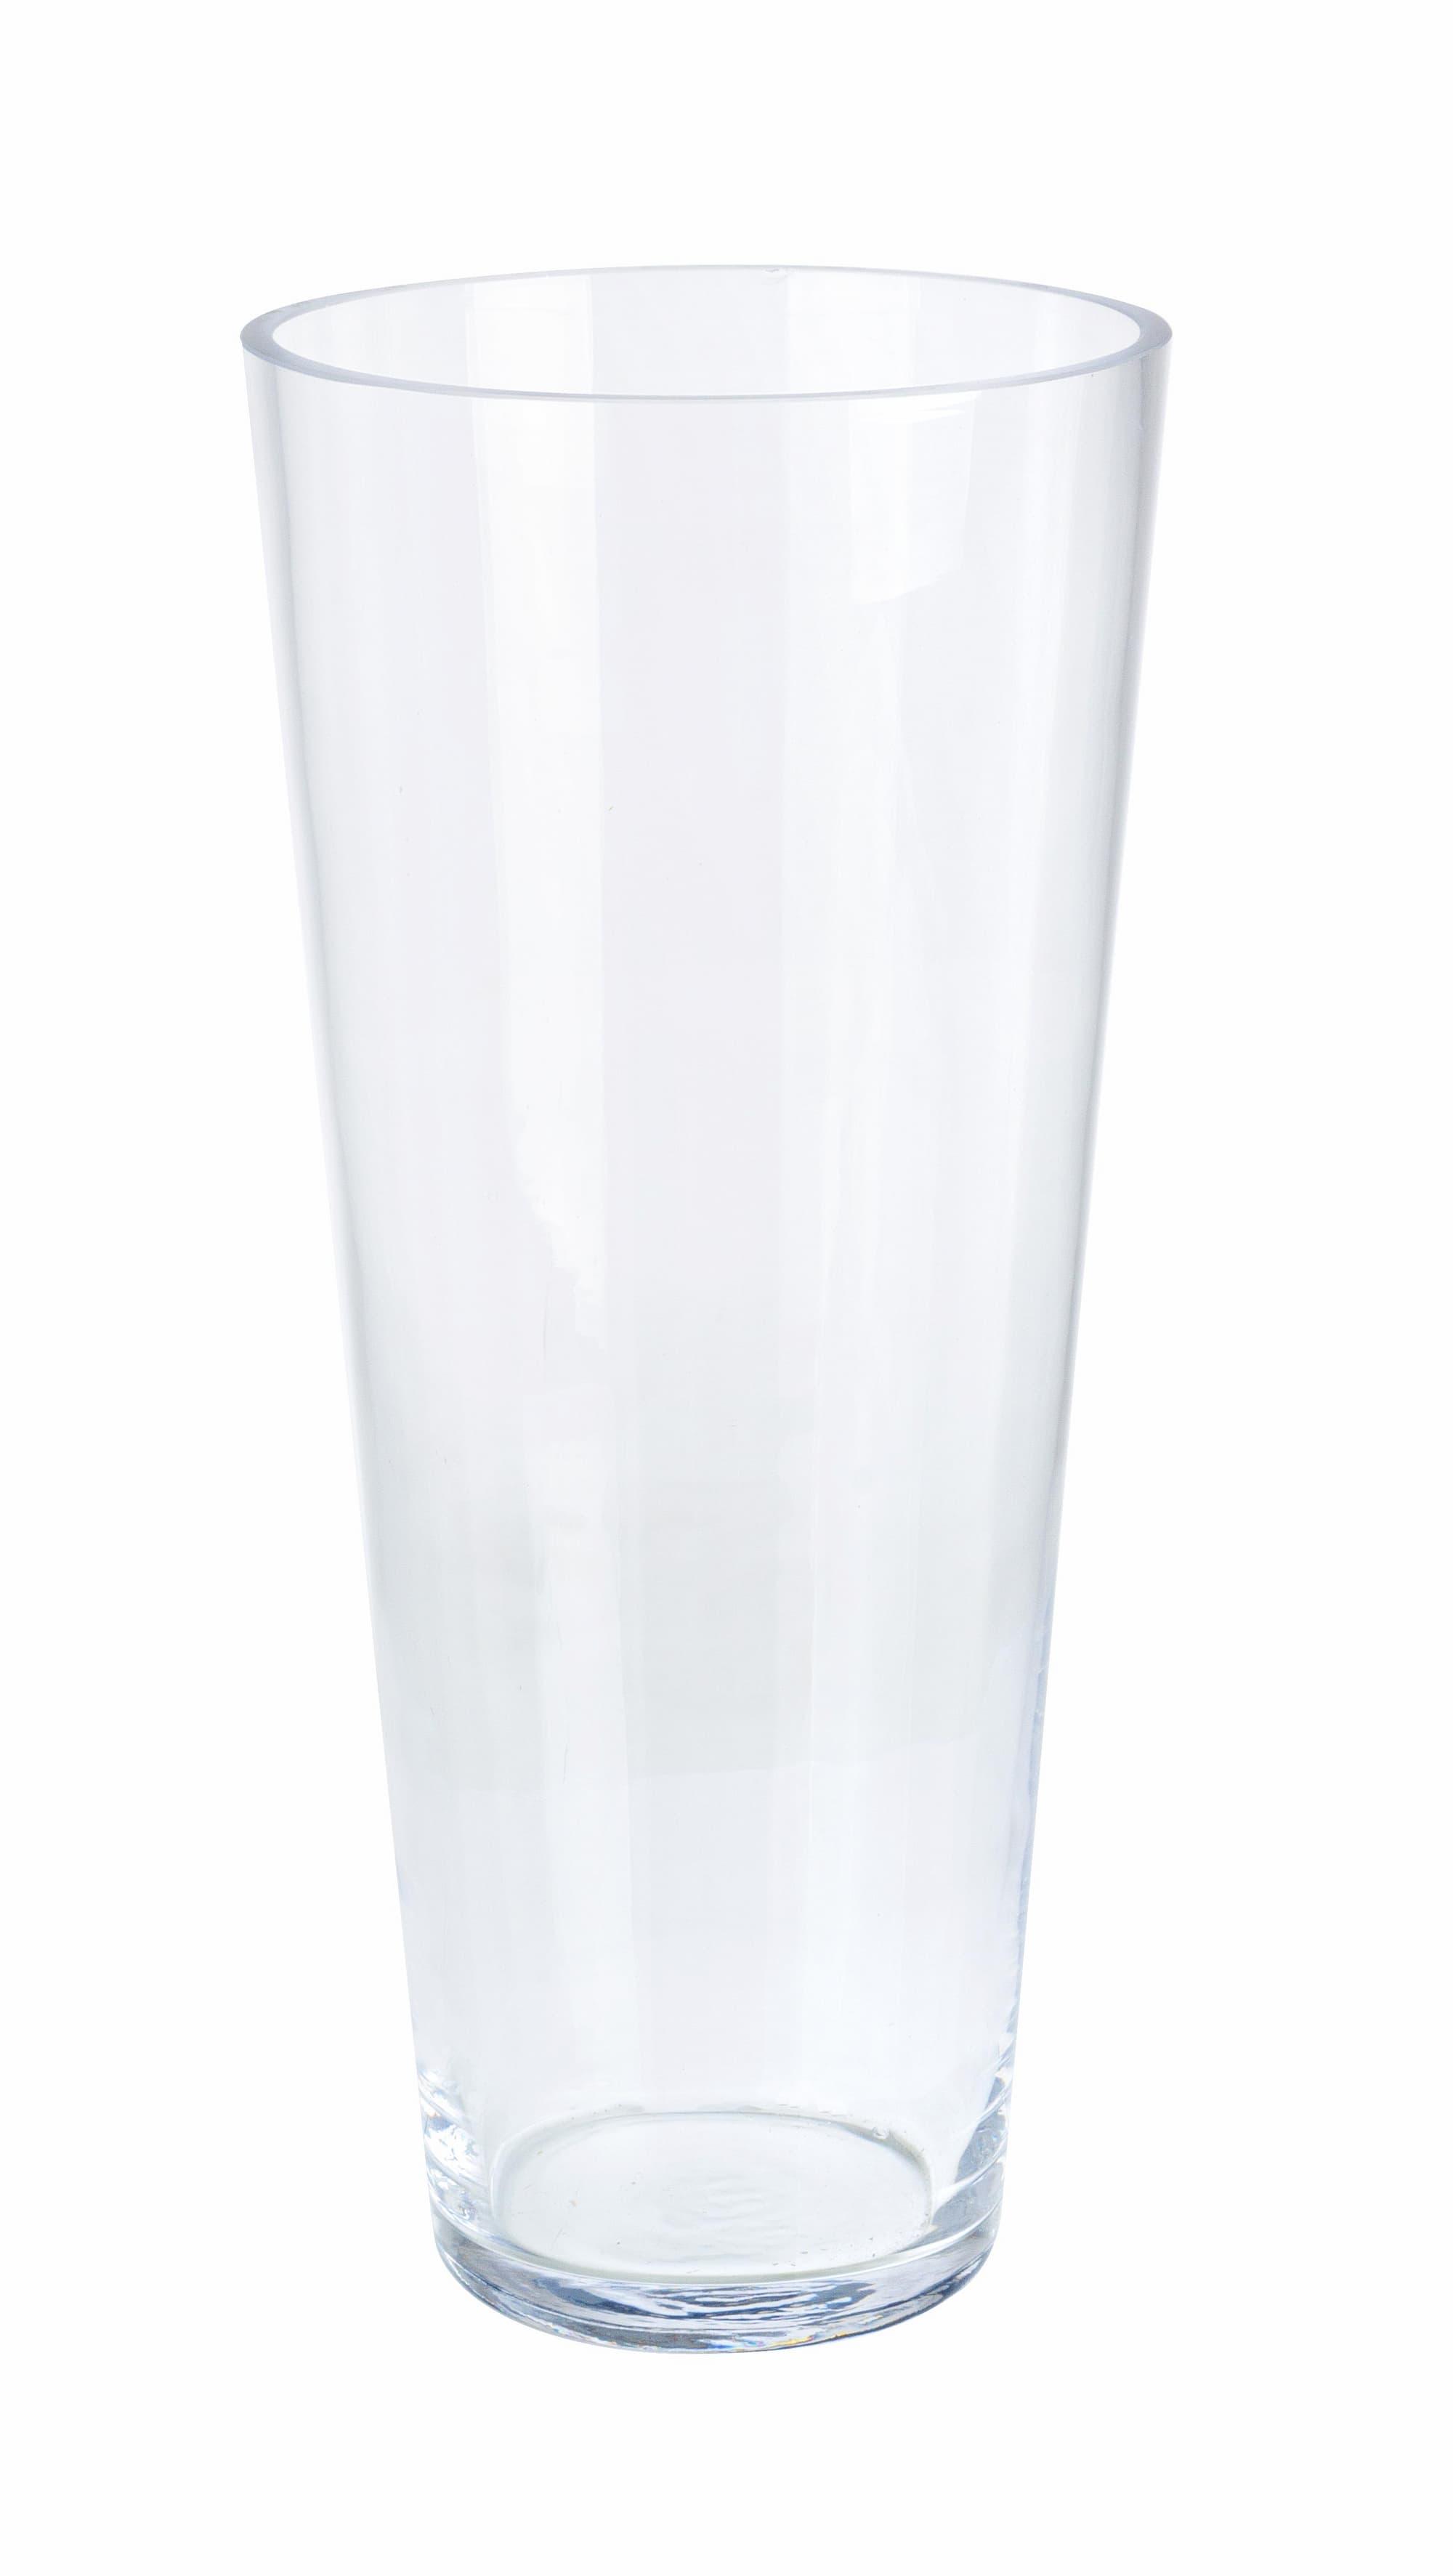 Vaza decorativa din sticla Venice Konic Transparent, Ø15xH40 cm poza